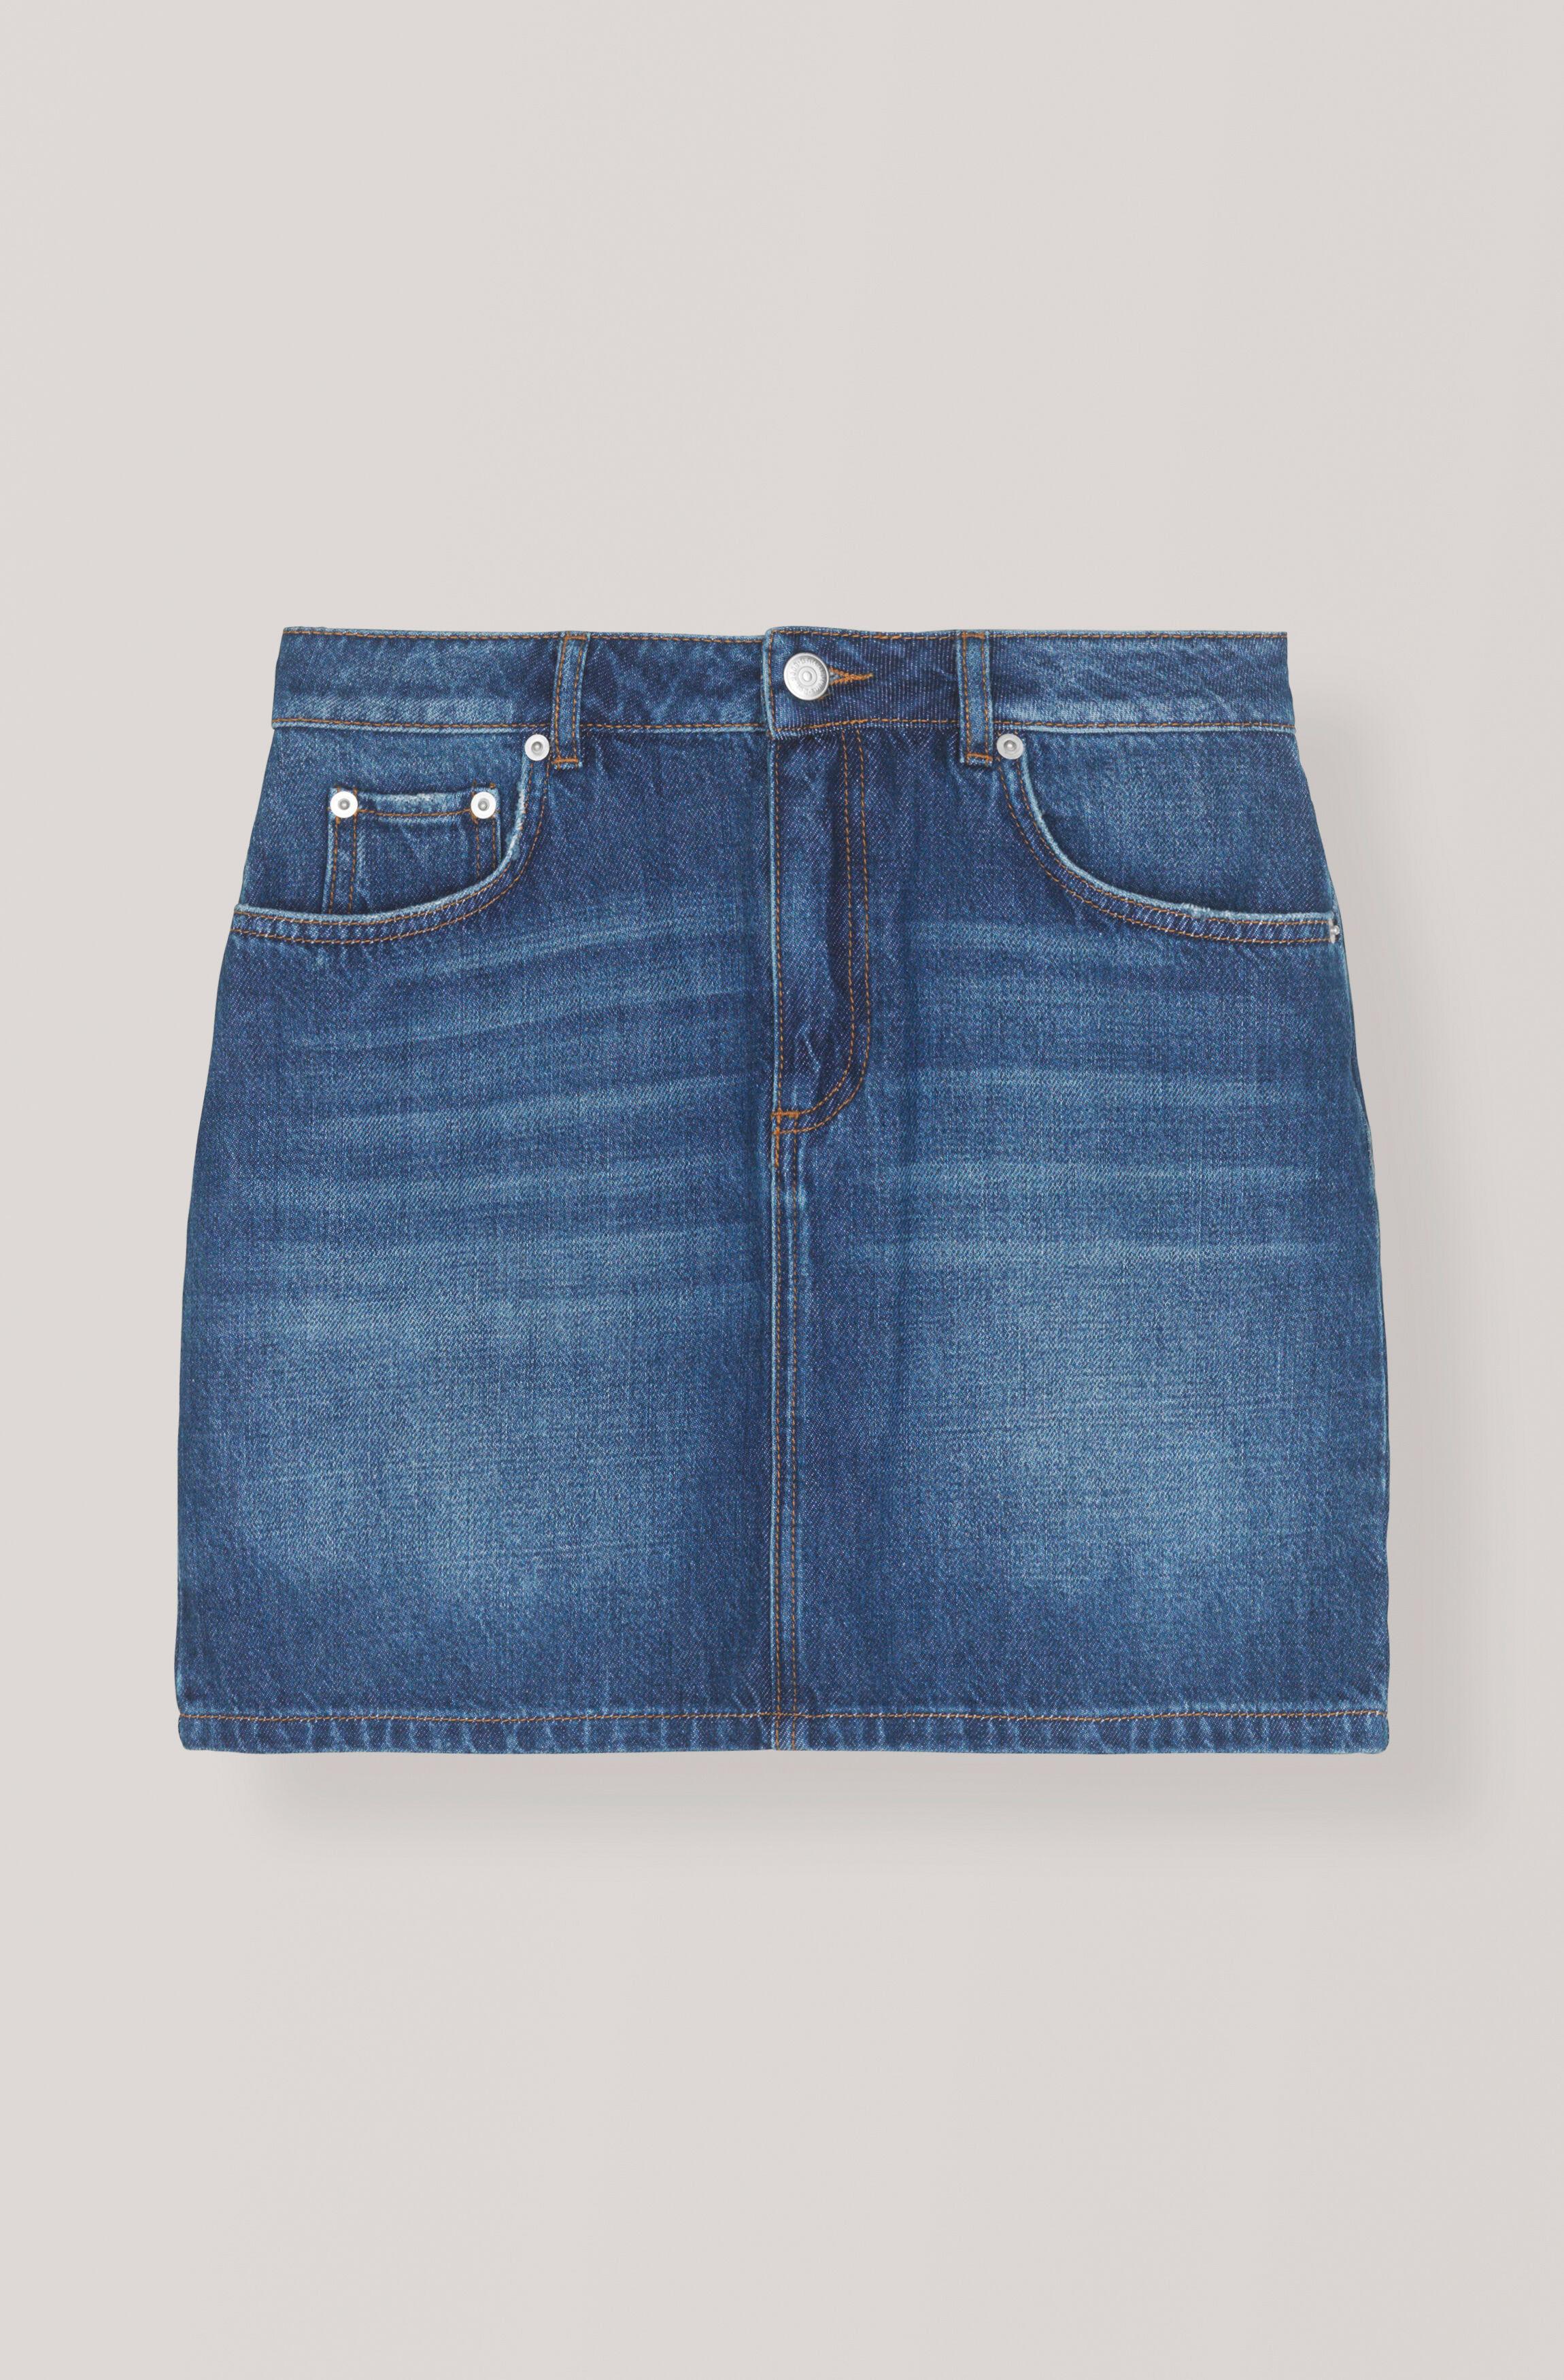 e34cade31534 GANNI Classic Denim Skirt - Medium Dark Denim ( 140.00 GBP )